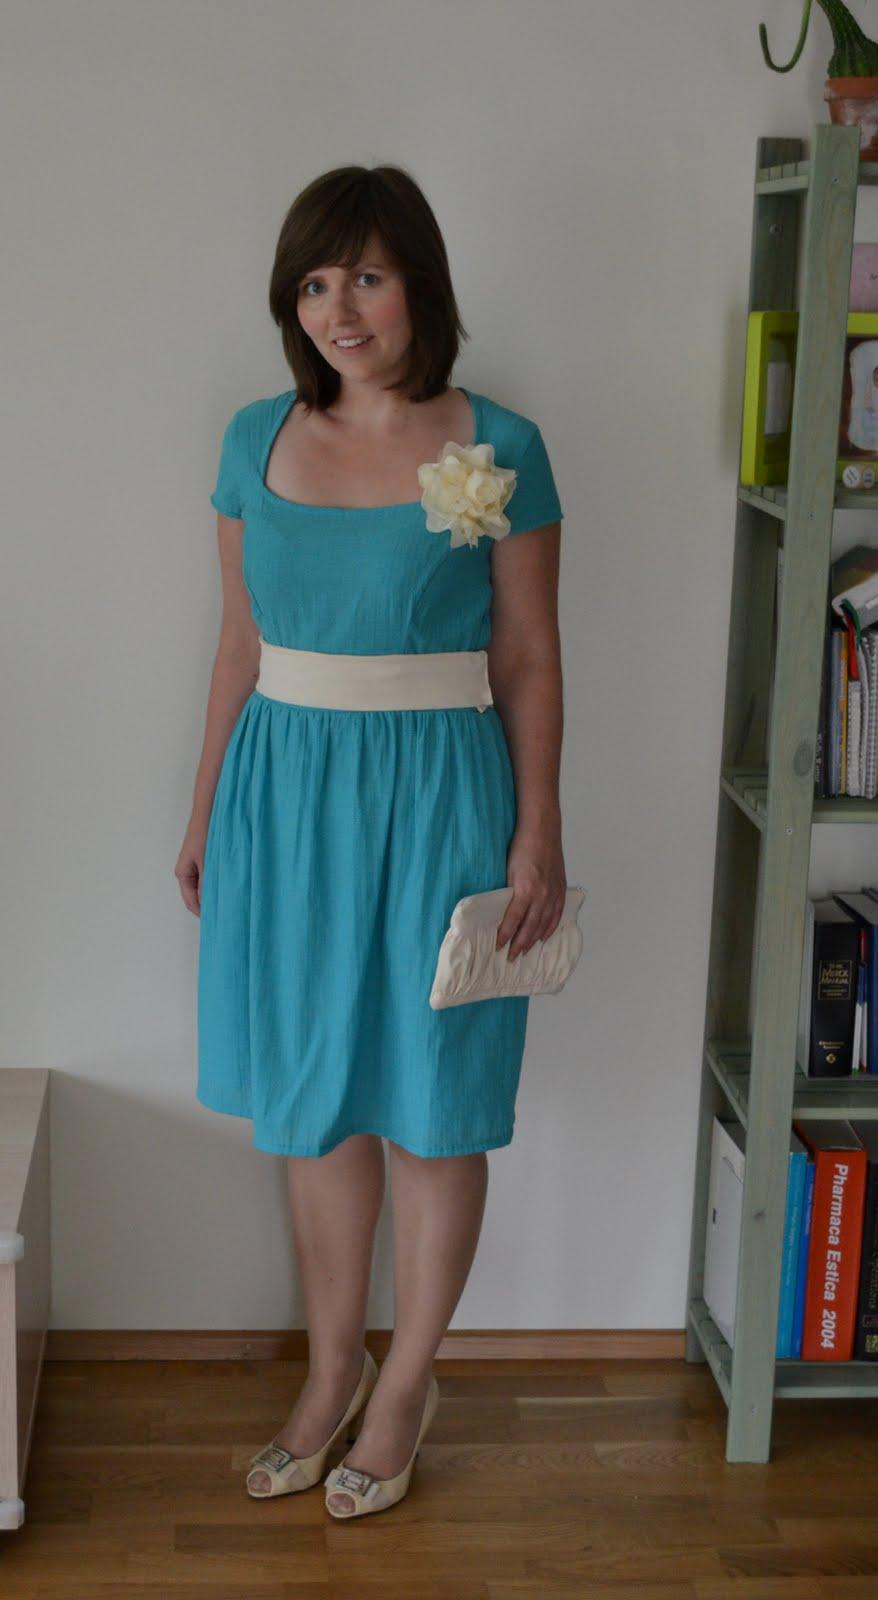 dd71f6e58fc Pulma minekuks õmblesin endale kleidi, mille ülemise osa lõike sain Burdast  10/2009. Kuna mul sobivat kreemikasvalget käekotti ei olnud, siis tegin ka  ühe ...